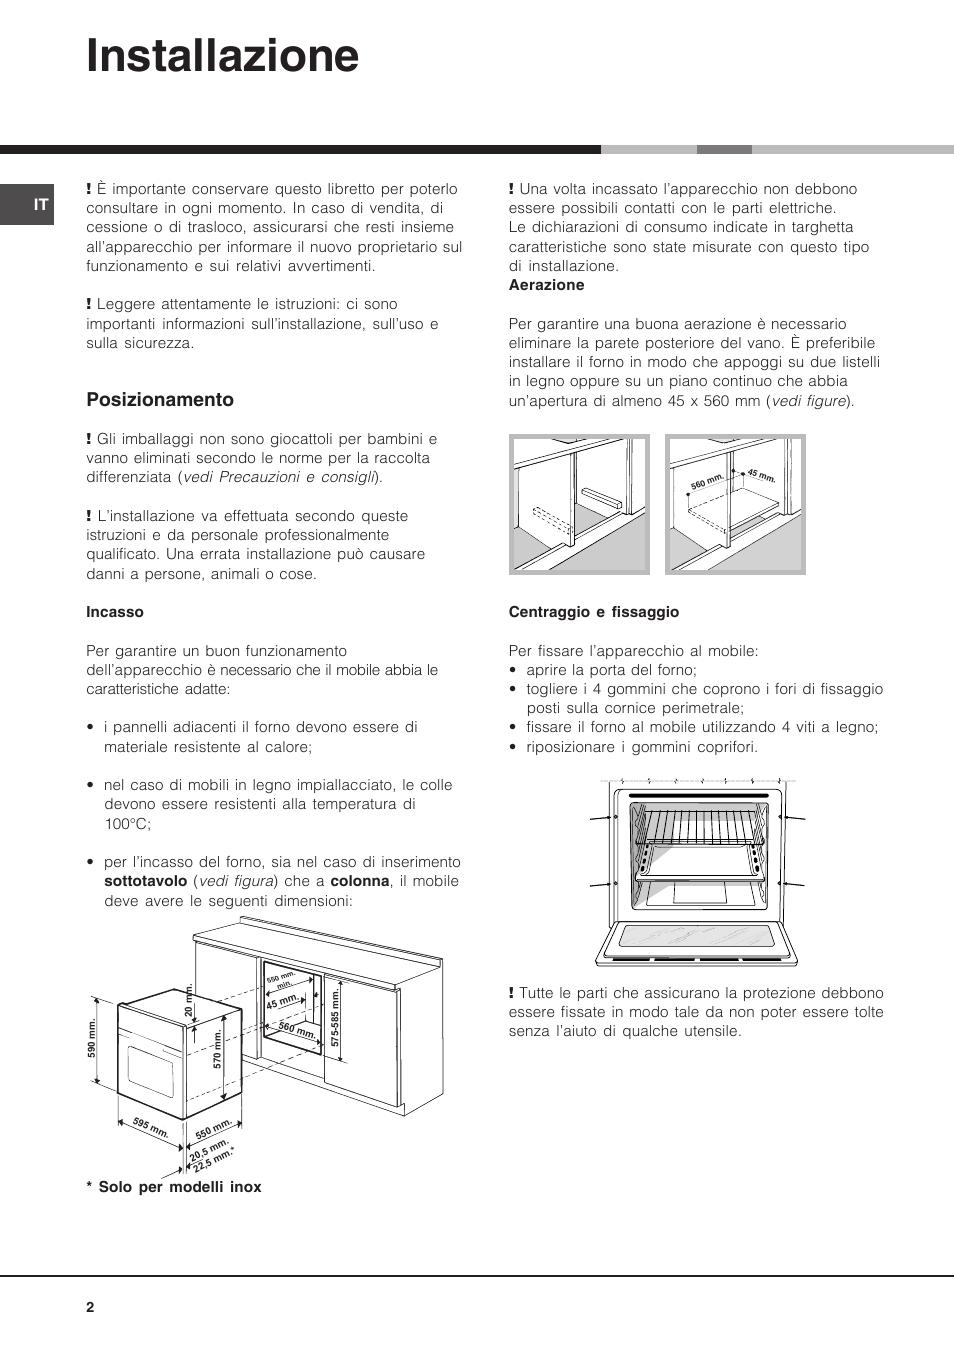 Installazione Posizionamento Hotpoint Ariston Luce Fk 89